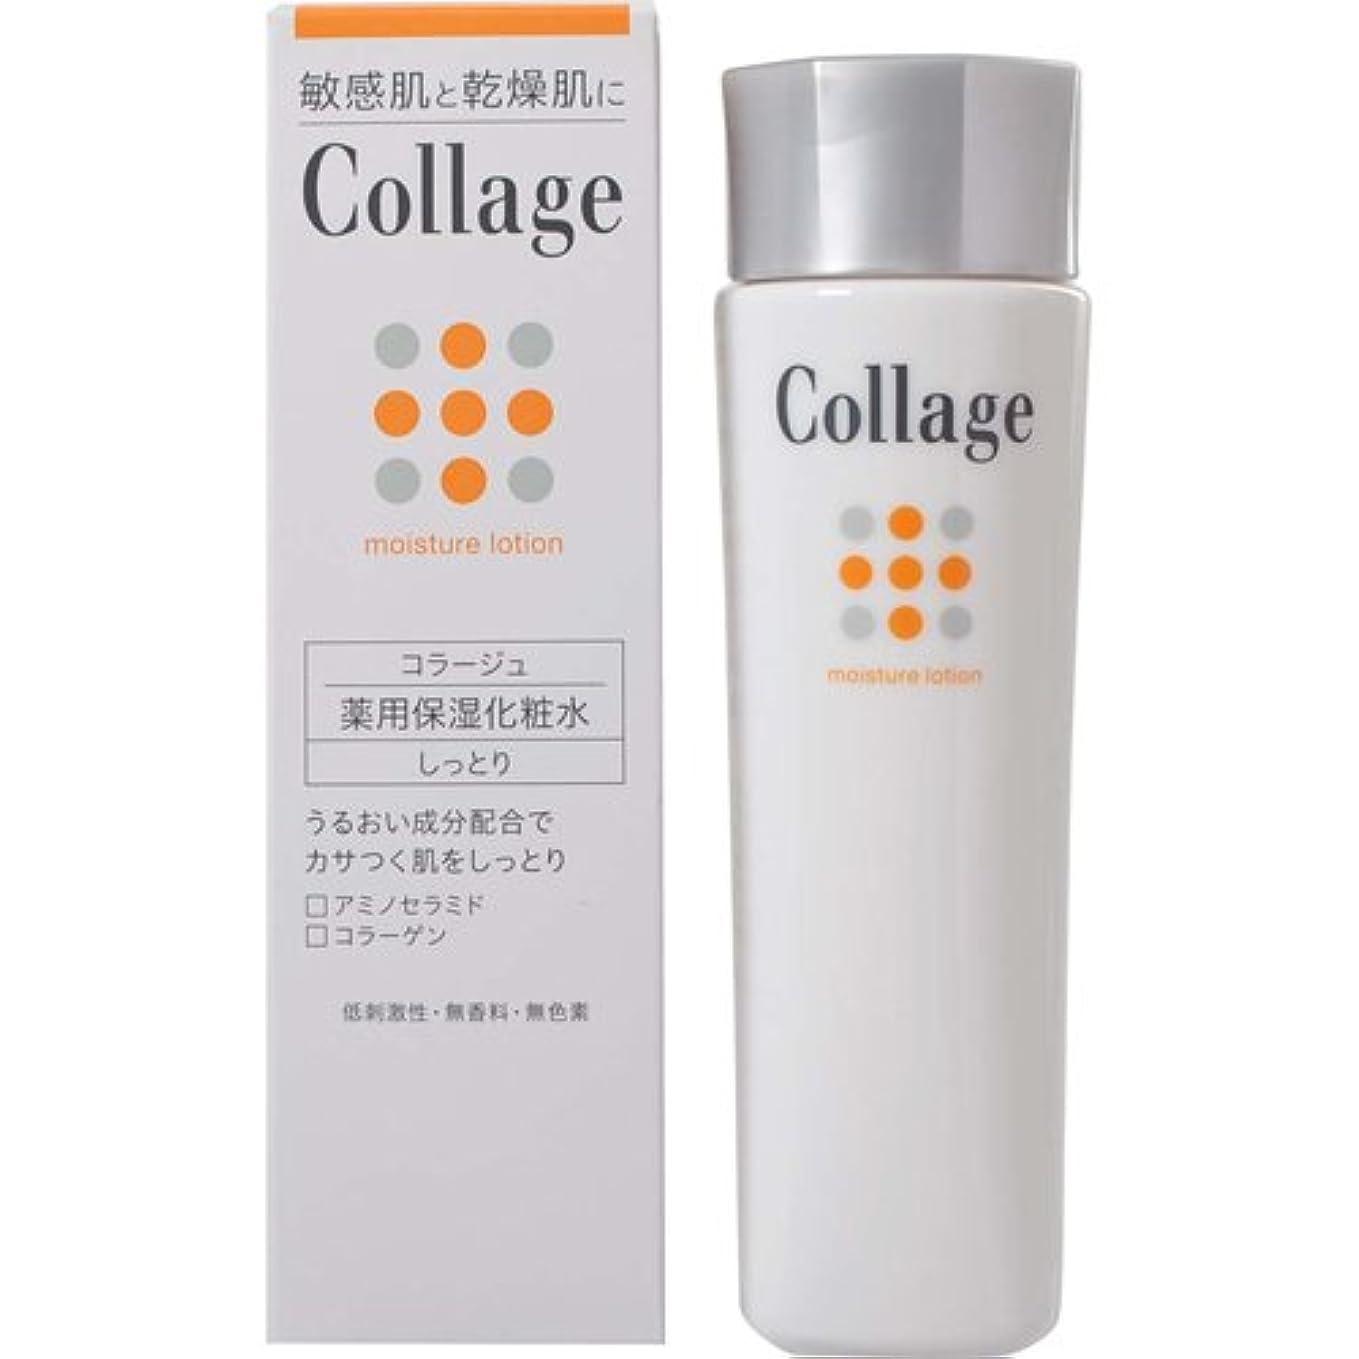 不実掃除別のコラージュ 薬用保湿化粧水 しっとり 120mL 【医薬部外品】